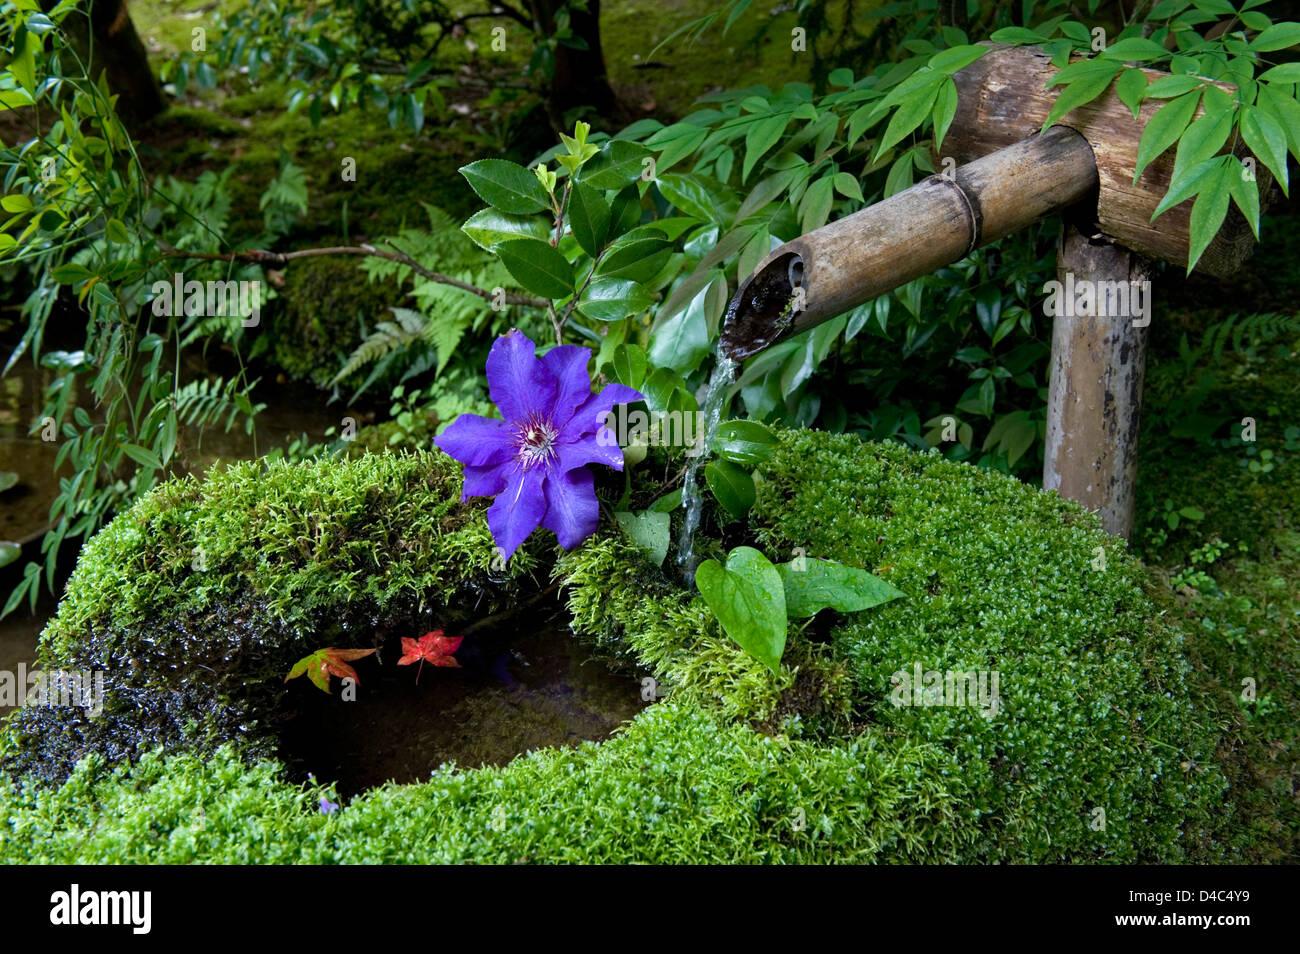 wasser flie t aus bambus auslauf in tsukubai steinerne wasserbecken bedeckt mit dicken moos im. Black Bedroom Furniture Sets. Home Design Ideas